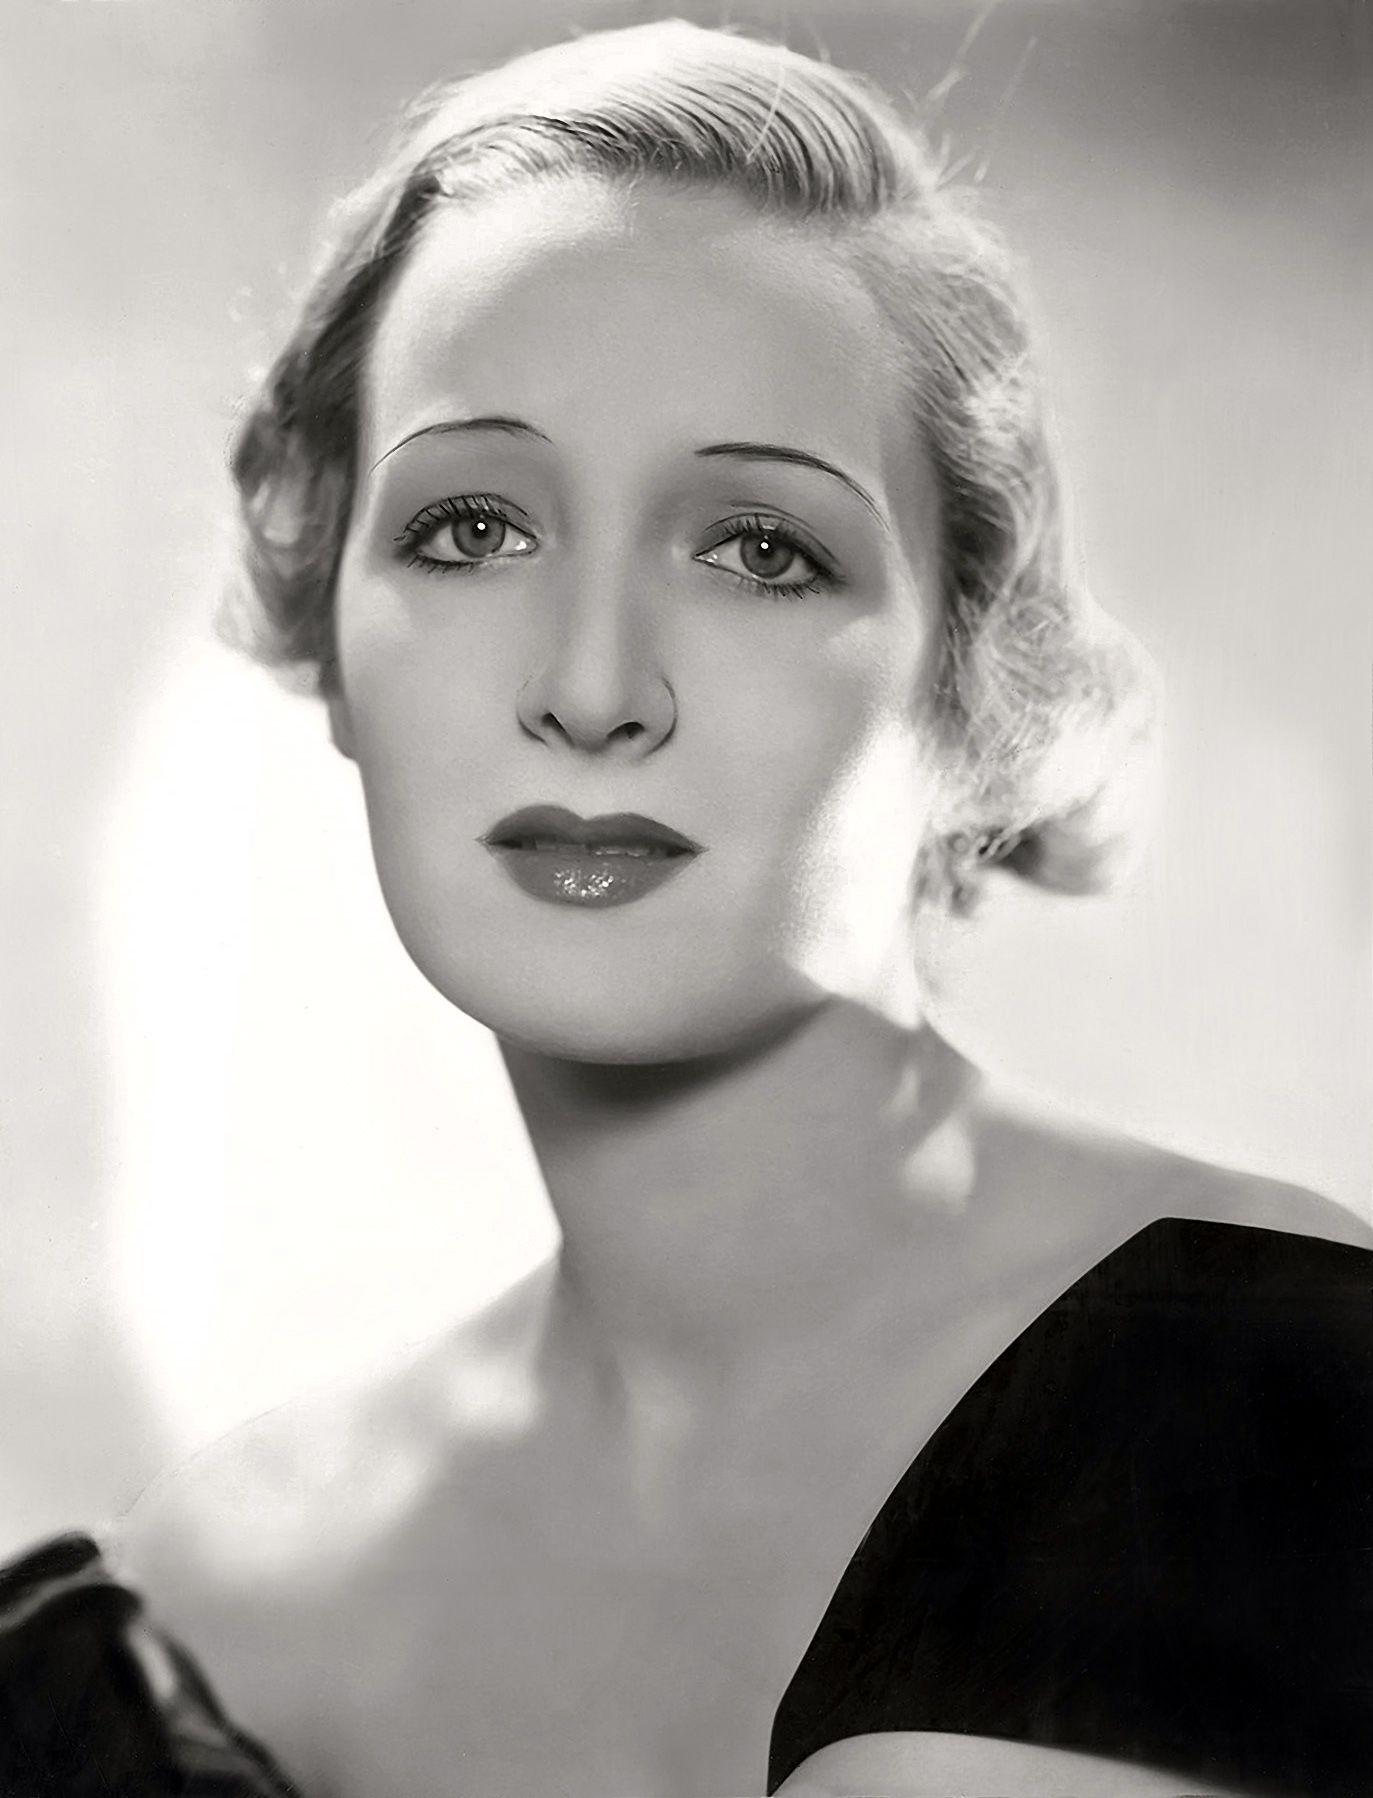 Elaine Melchior Portrait, Portrait photo, Vintage portraits